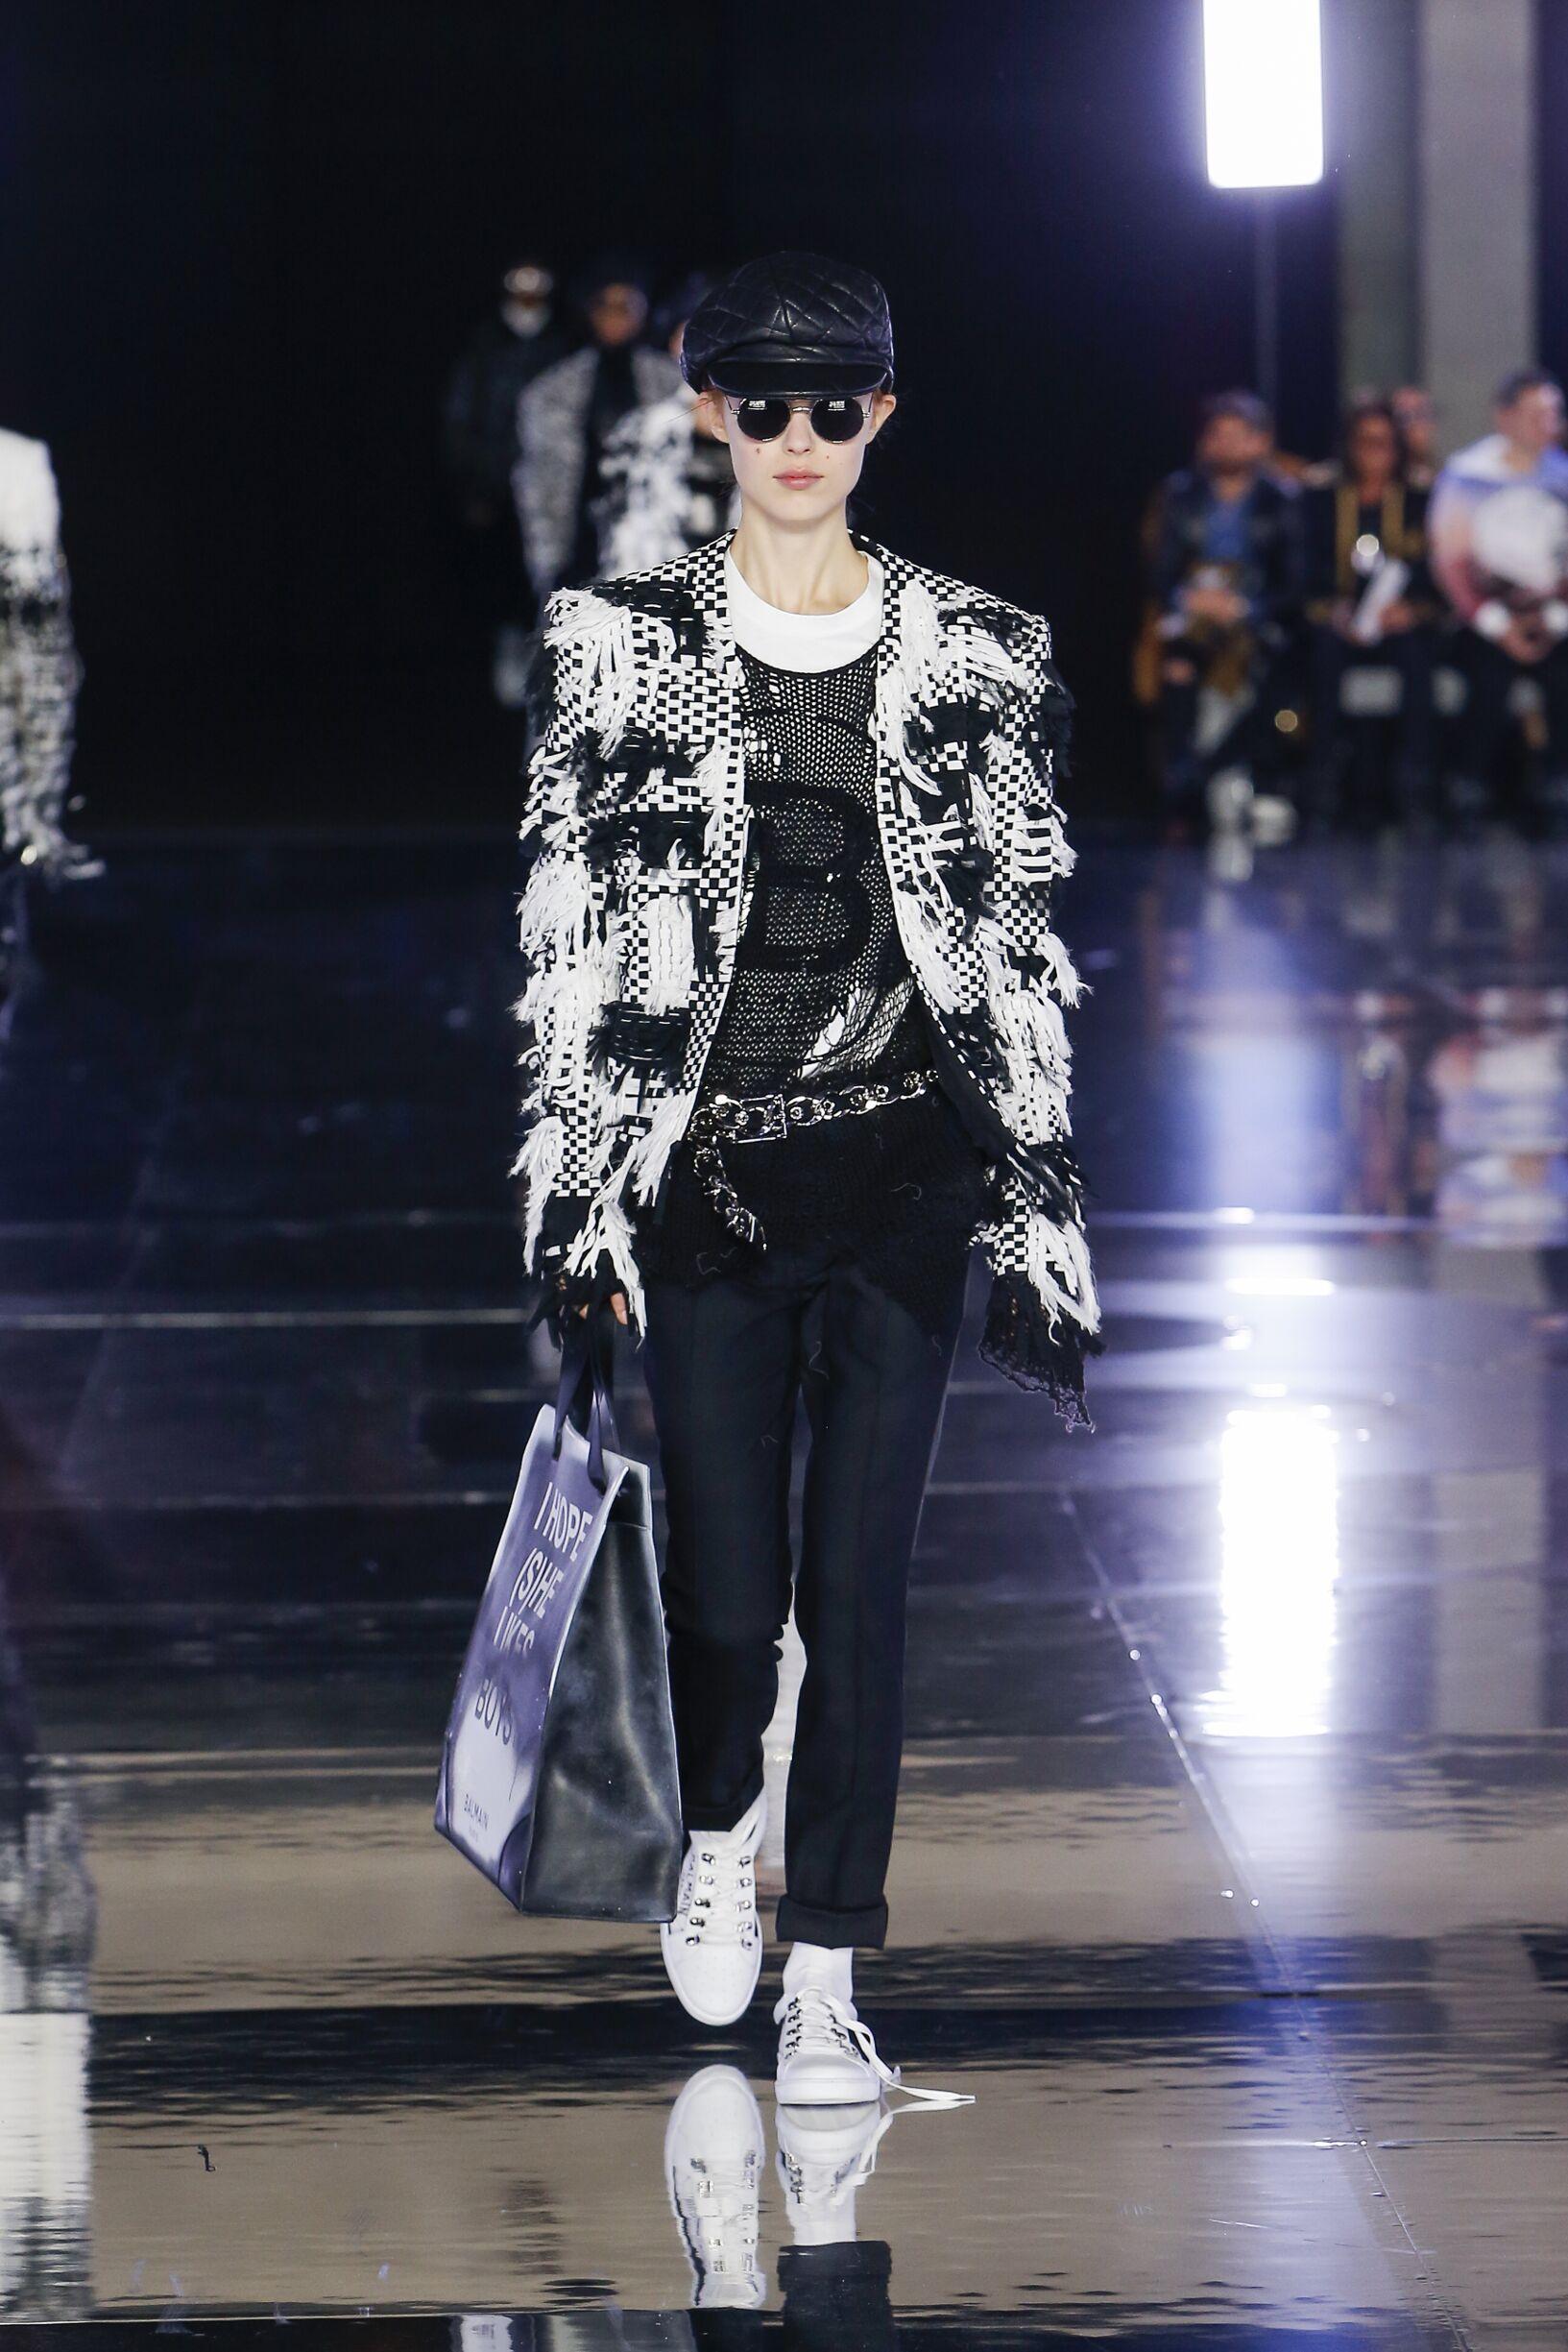 2019 Balmain Womenswear Fall Catwalk